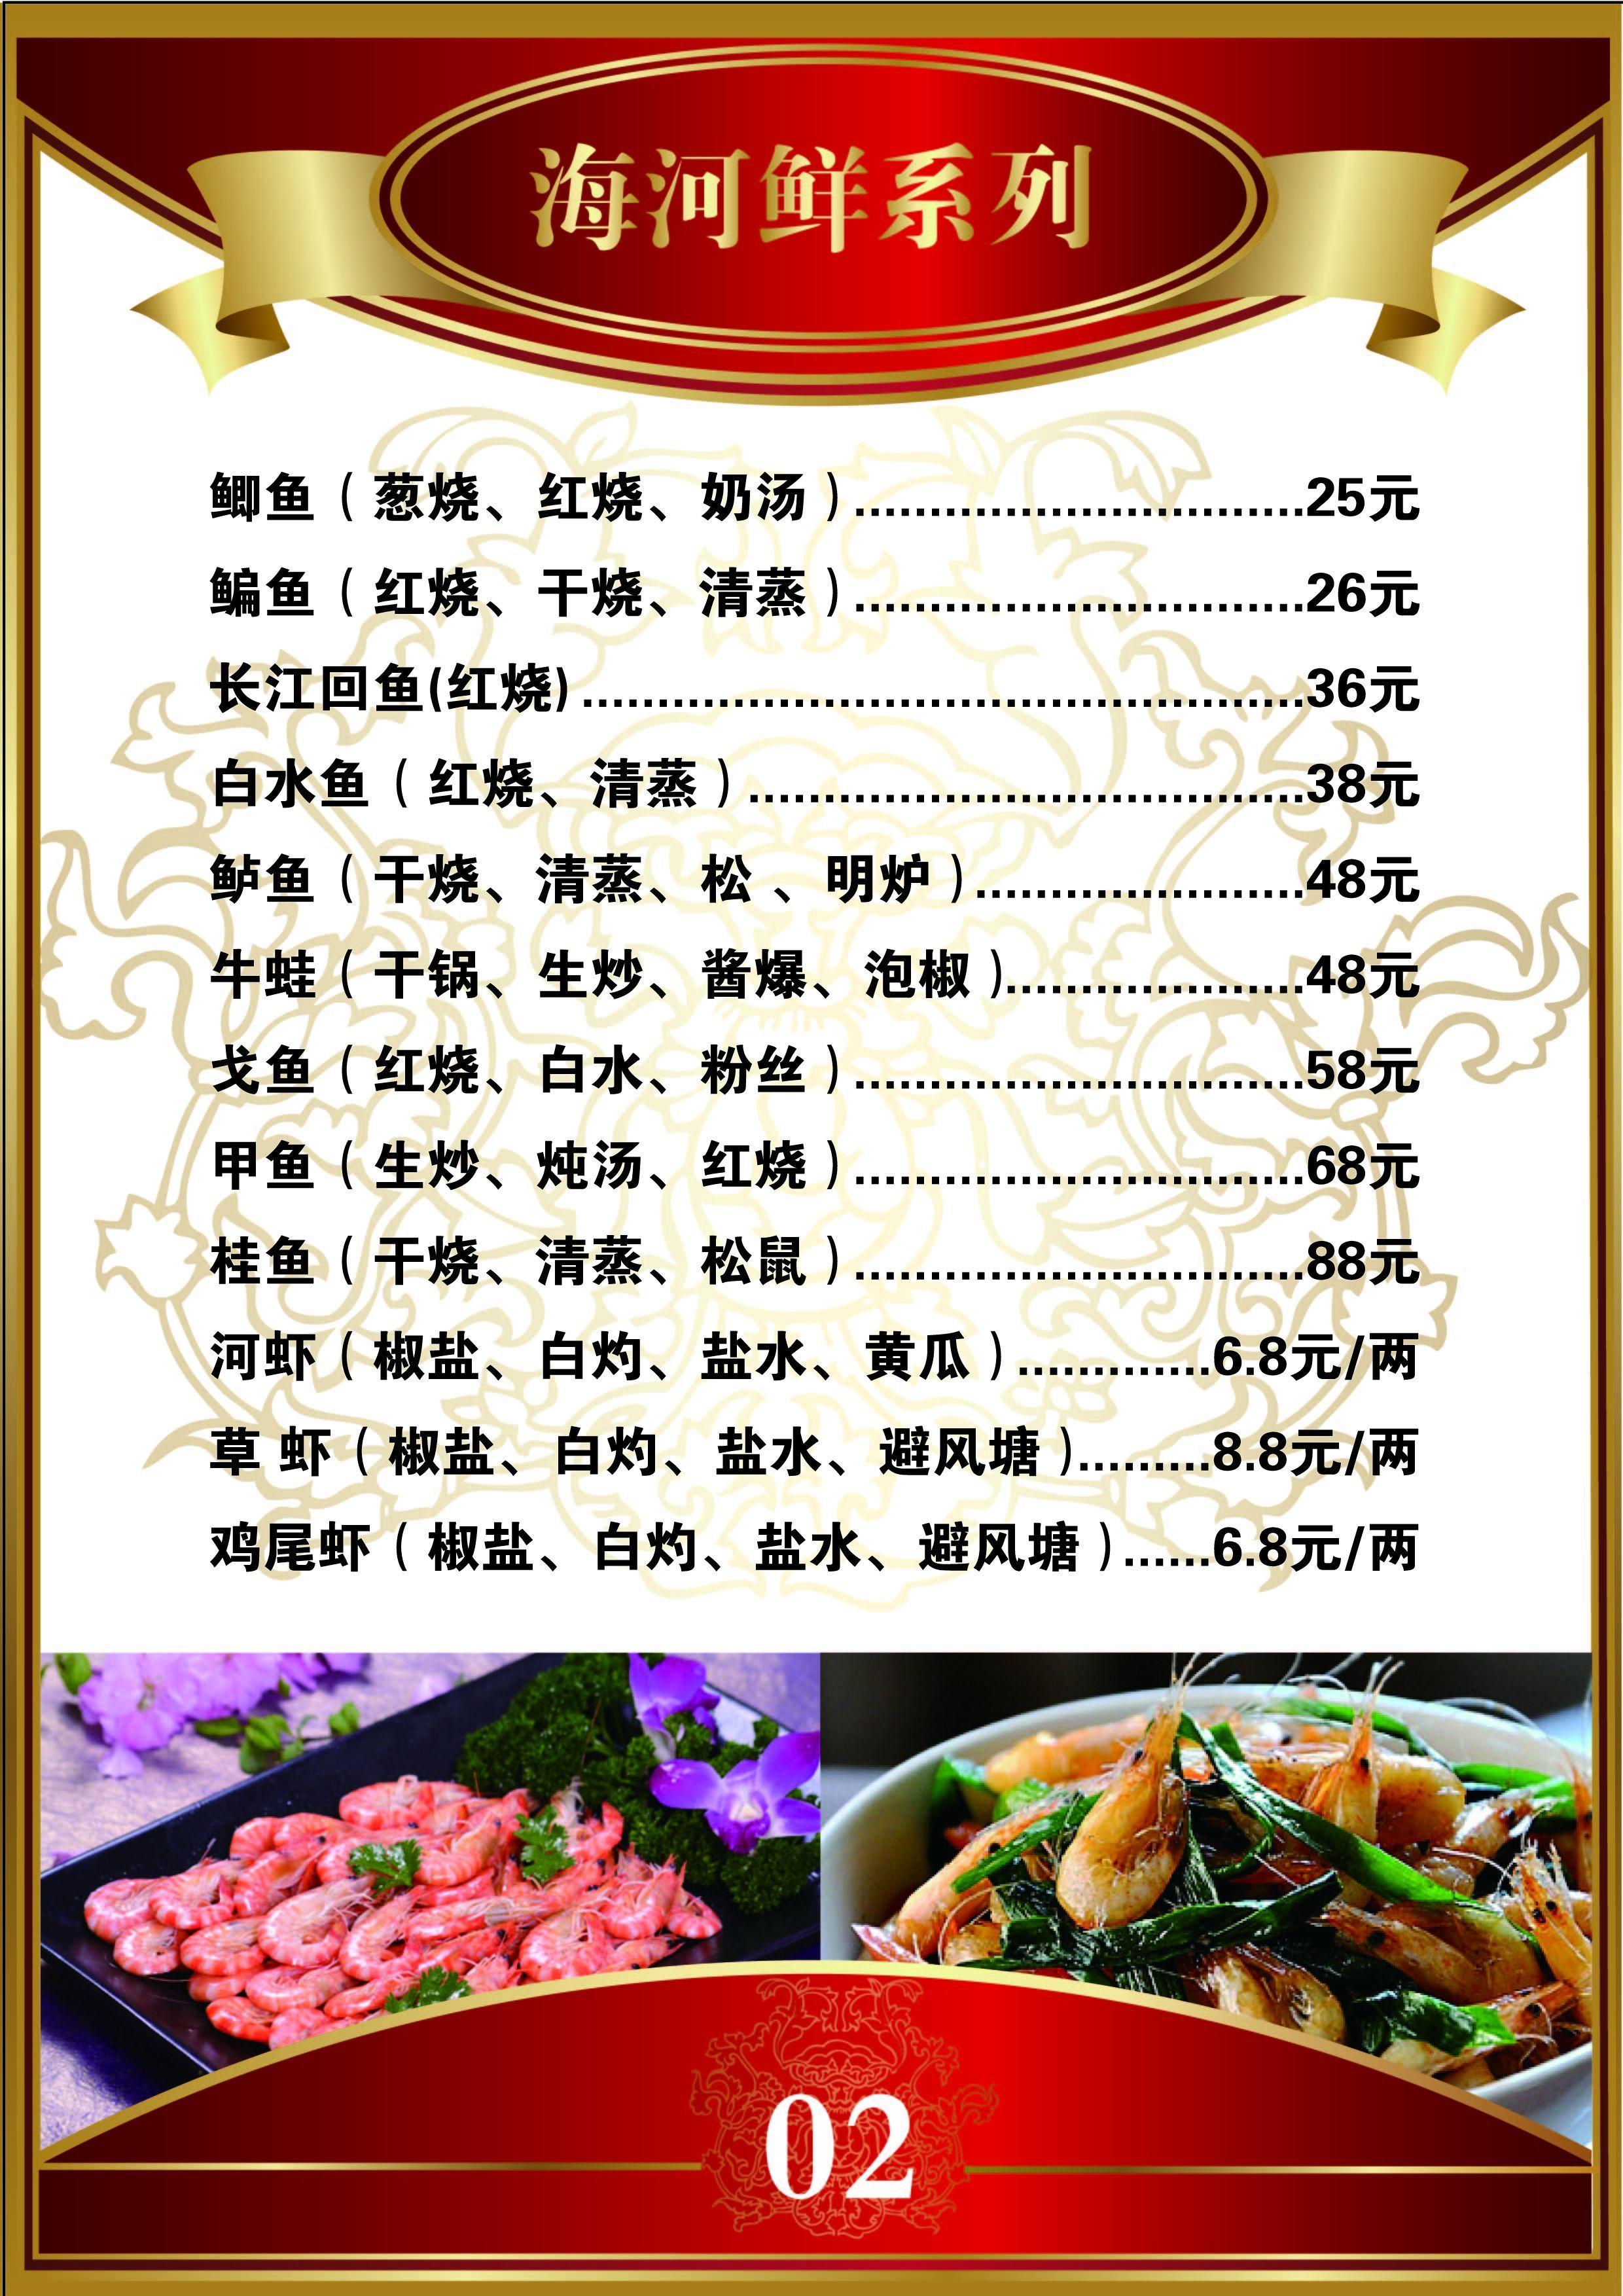 大富贵酒店菜单